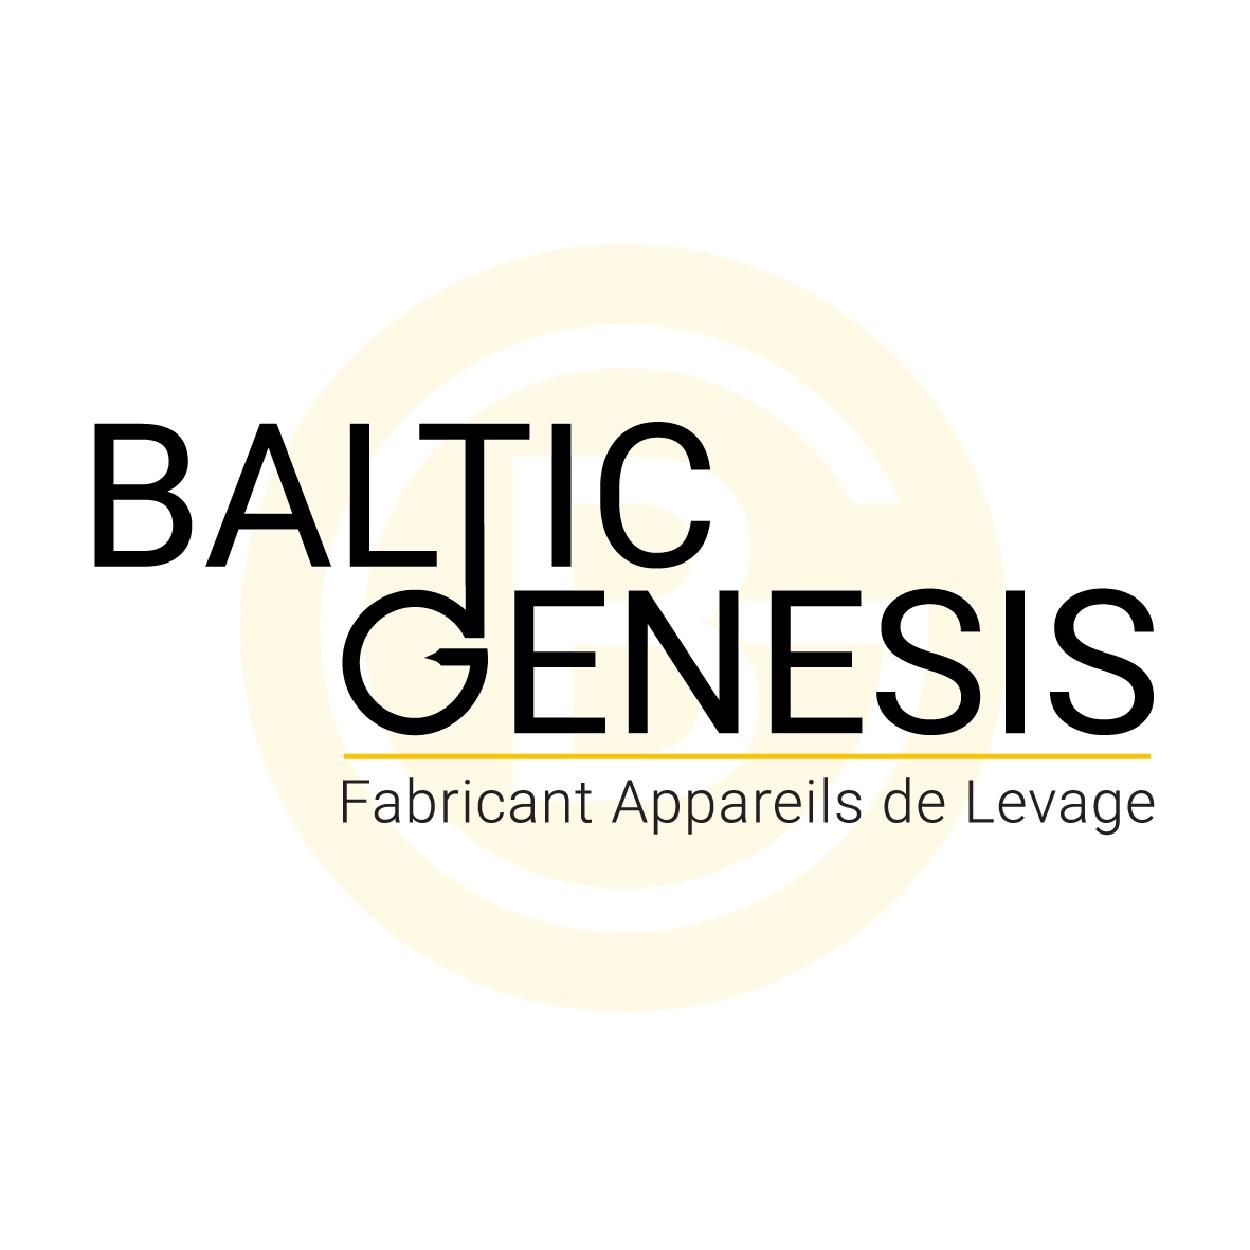 Création logo et site web pour fabricant industriel BALTIC-GENESIS - Lyon